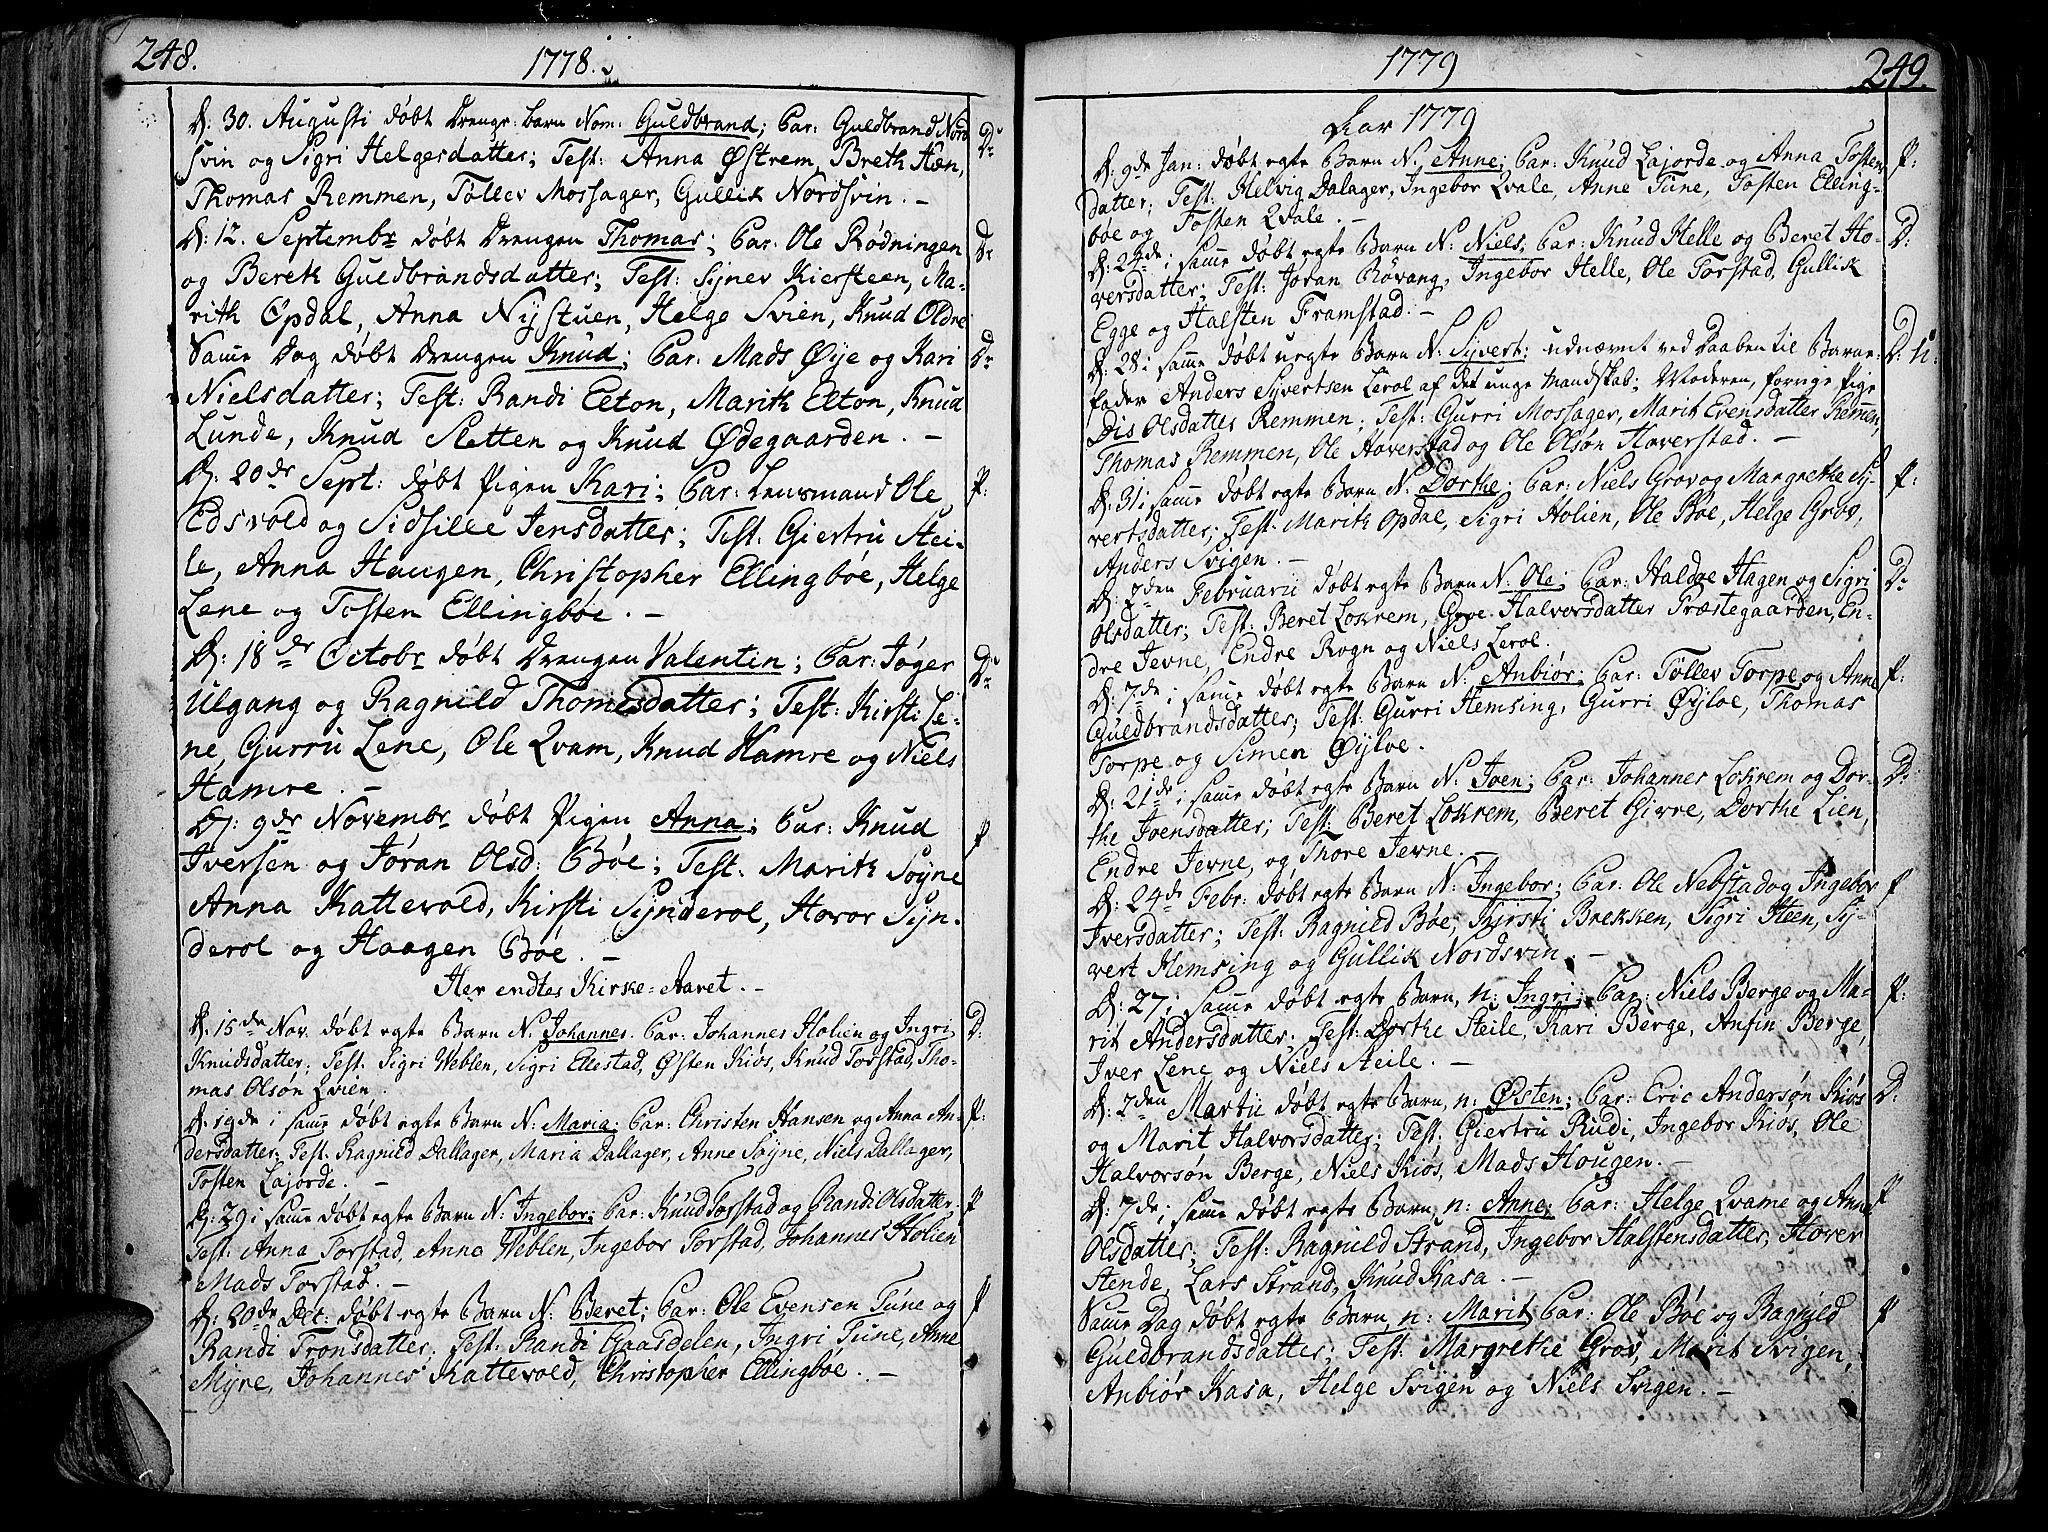 SAH, Vang prestekontor, Valdres, Ministerialbok nr. 1, 1730-1796, s. 248-249